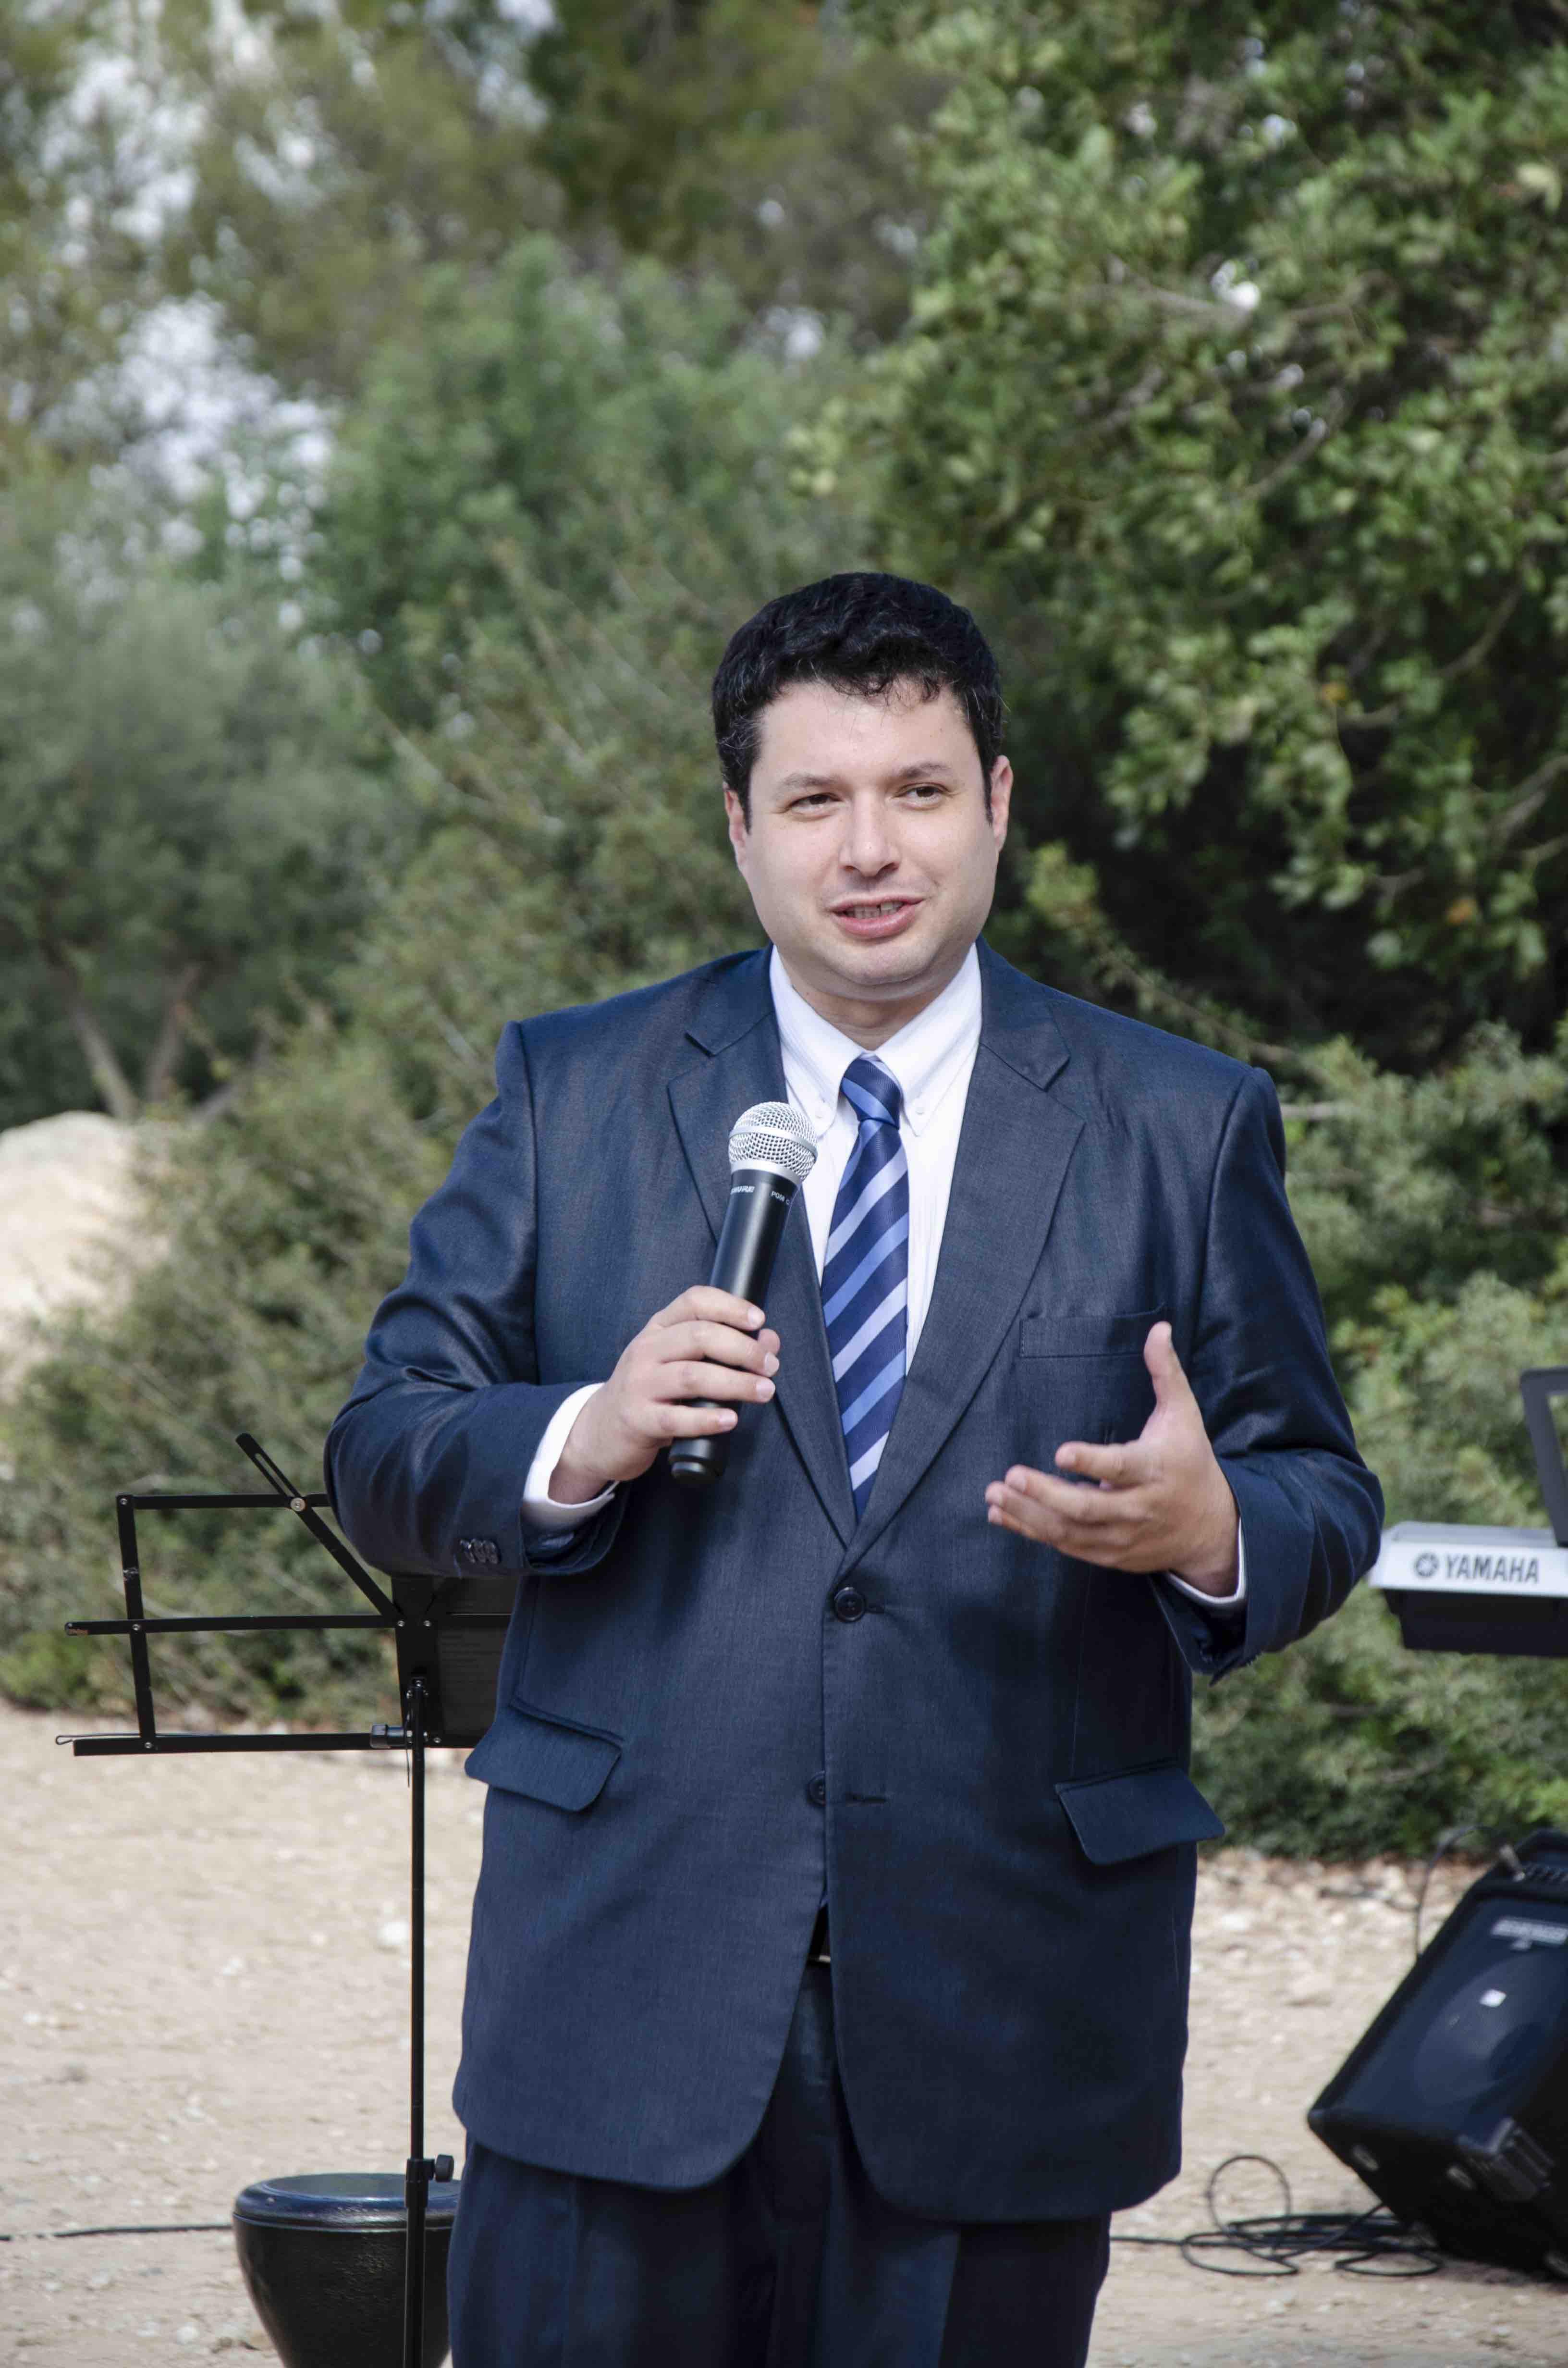 Josh Reinstein